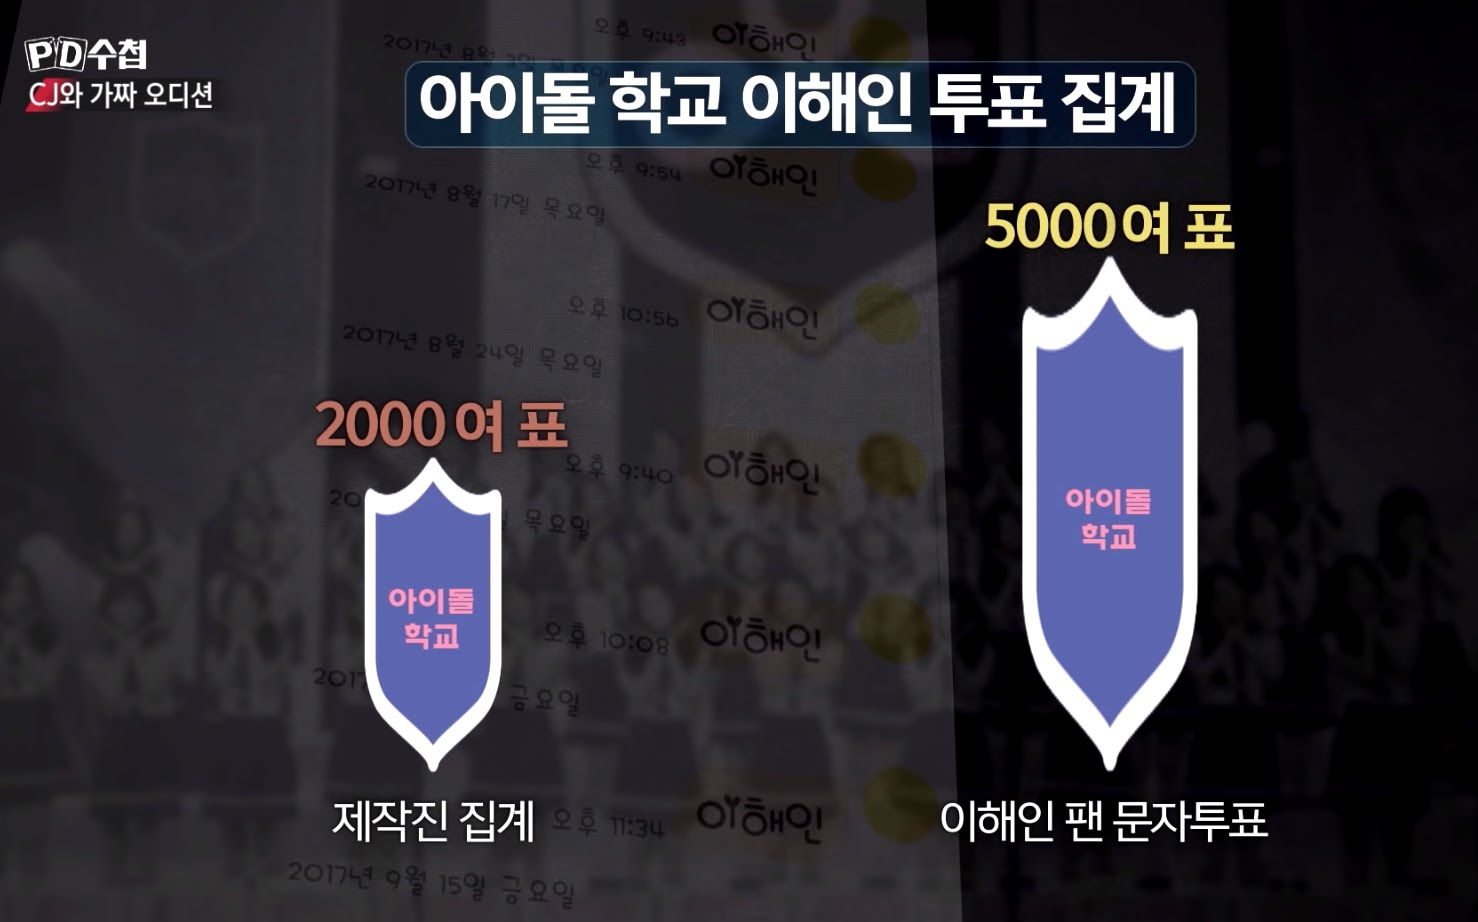 idol school rigged votes 3